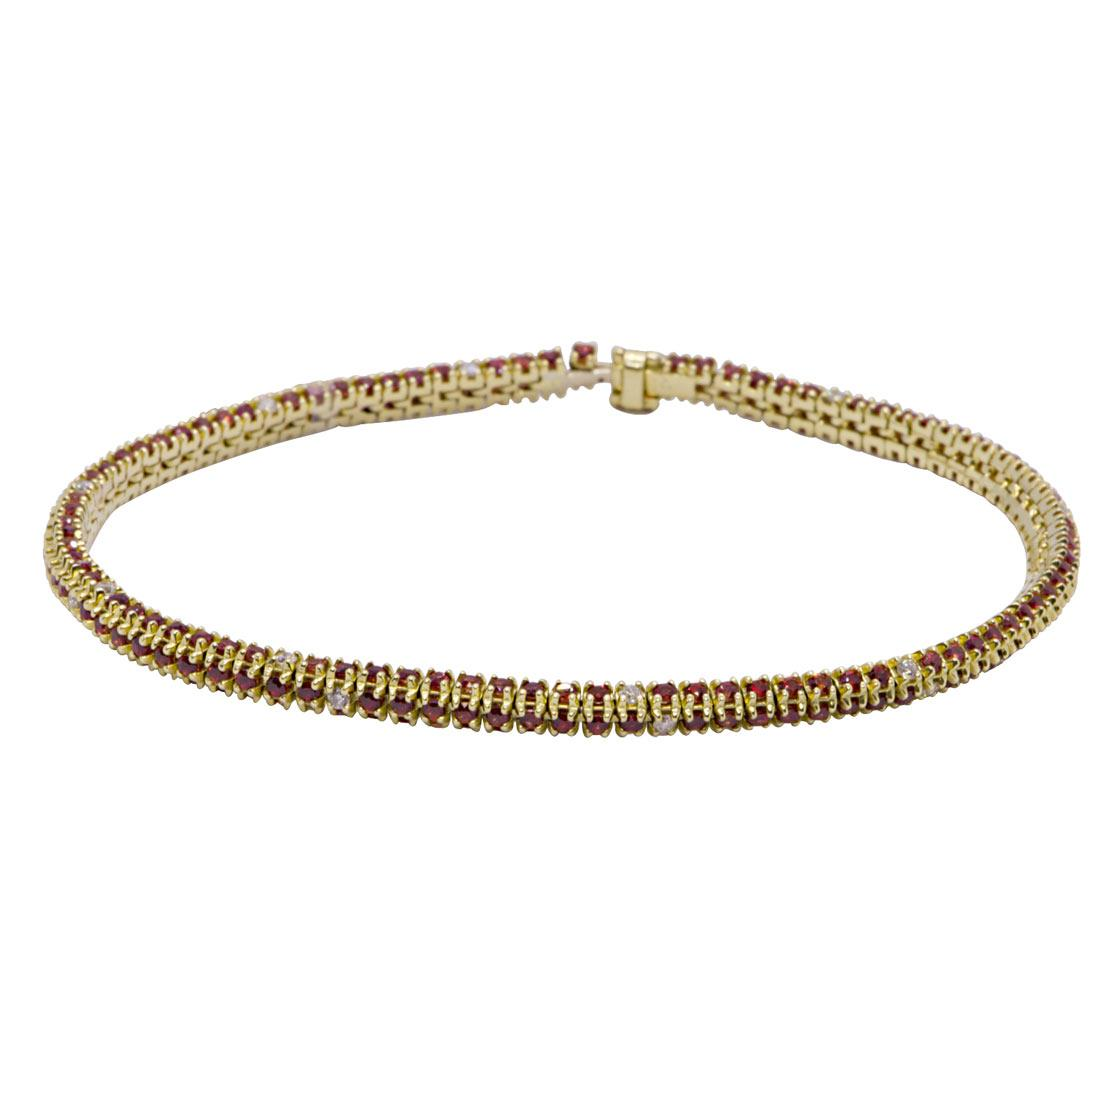 Bracciale tennis in oro giallo con diamanti e zaffiri rossi - ALFIERI & ST. JOHN